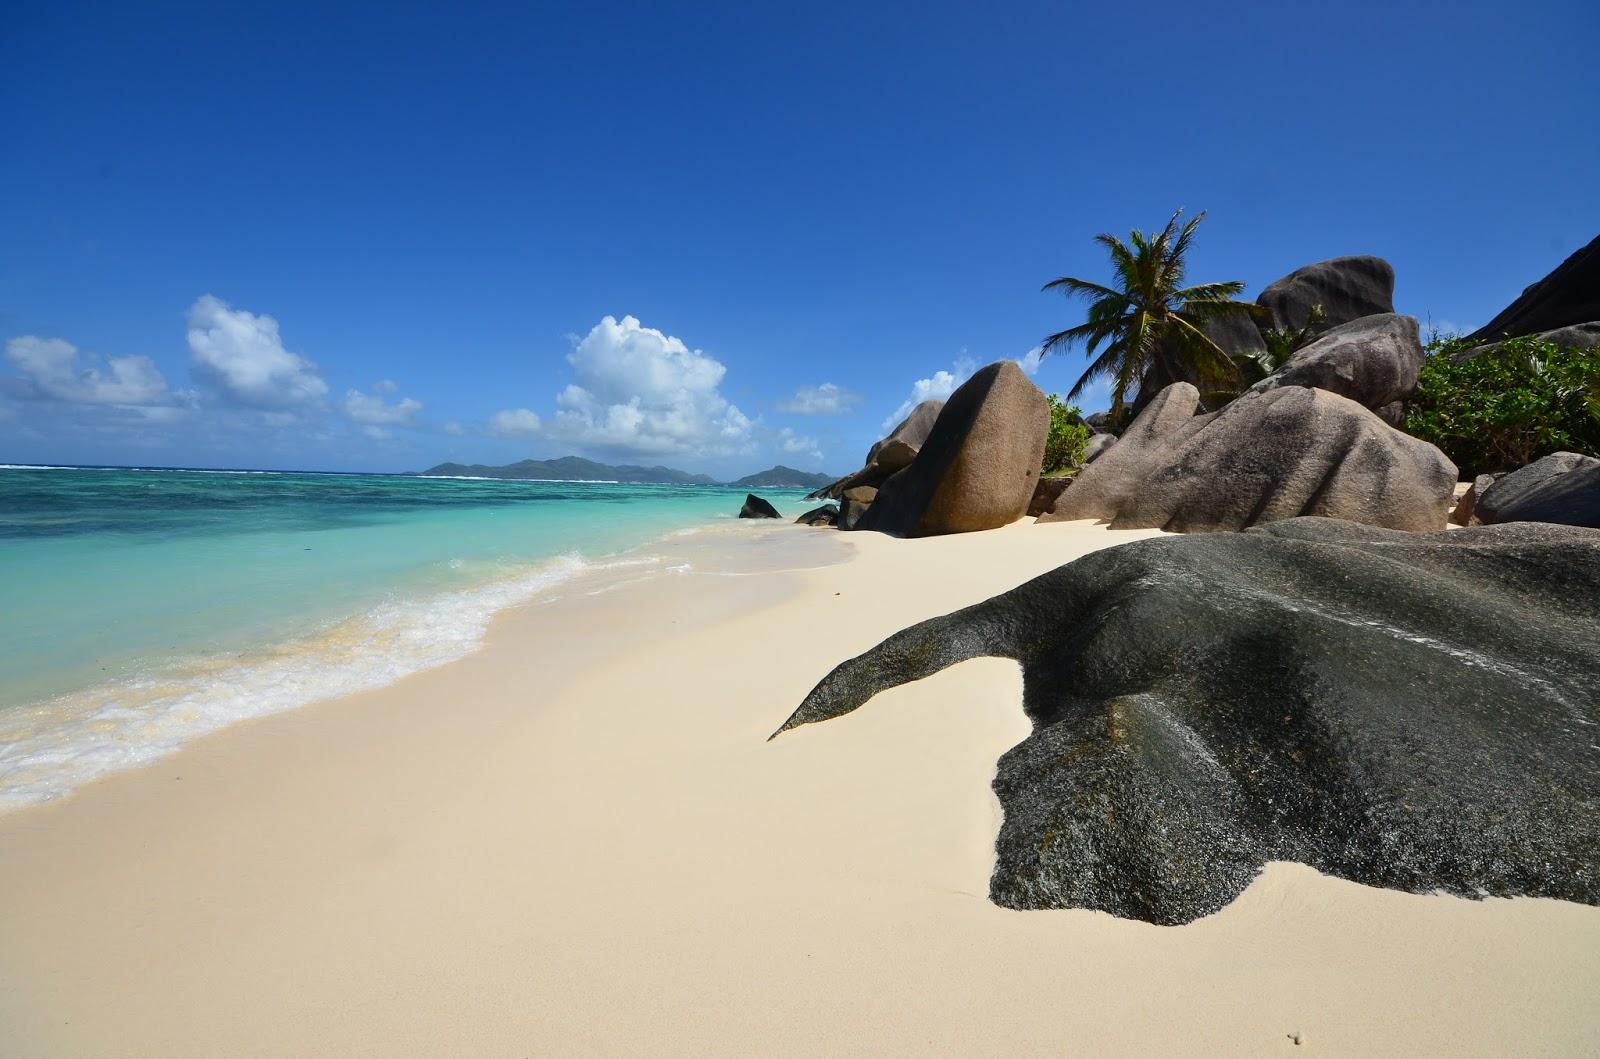 Seychelles, Mahé, La Digue, Anse Source d'Argent, Cousin